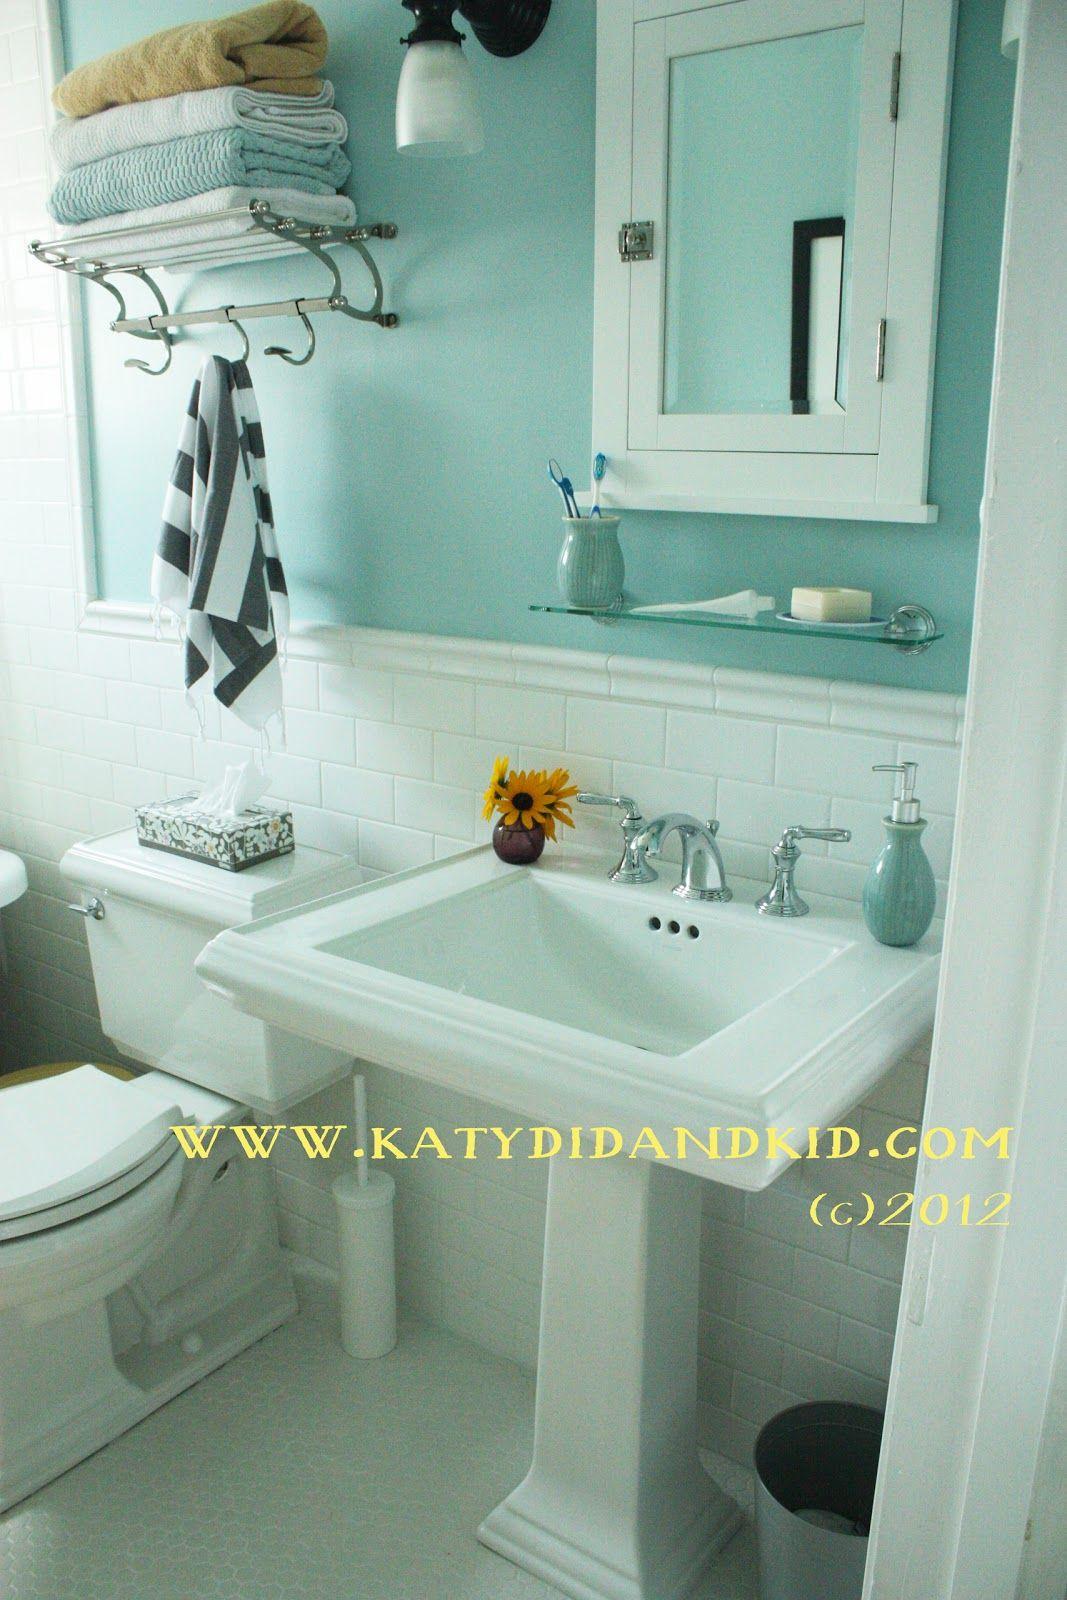 Small Bathroom Remodel Ideas Pos | Katydid And Kid Bathroom Renovation Mission Complete Painted